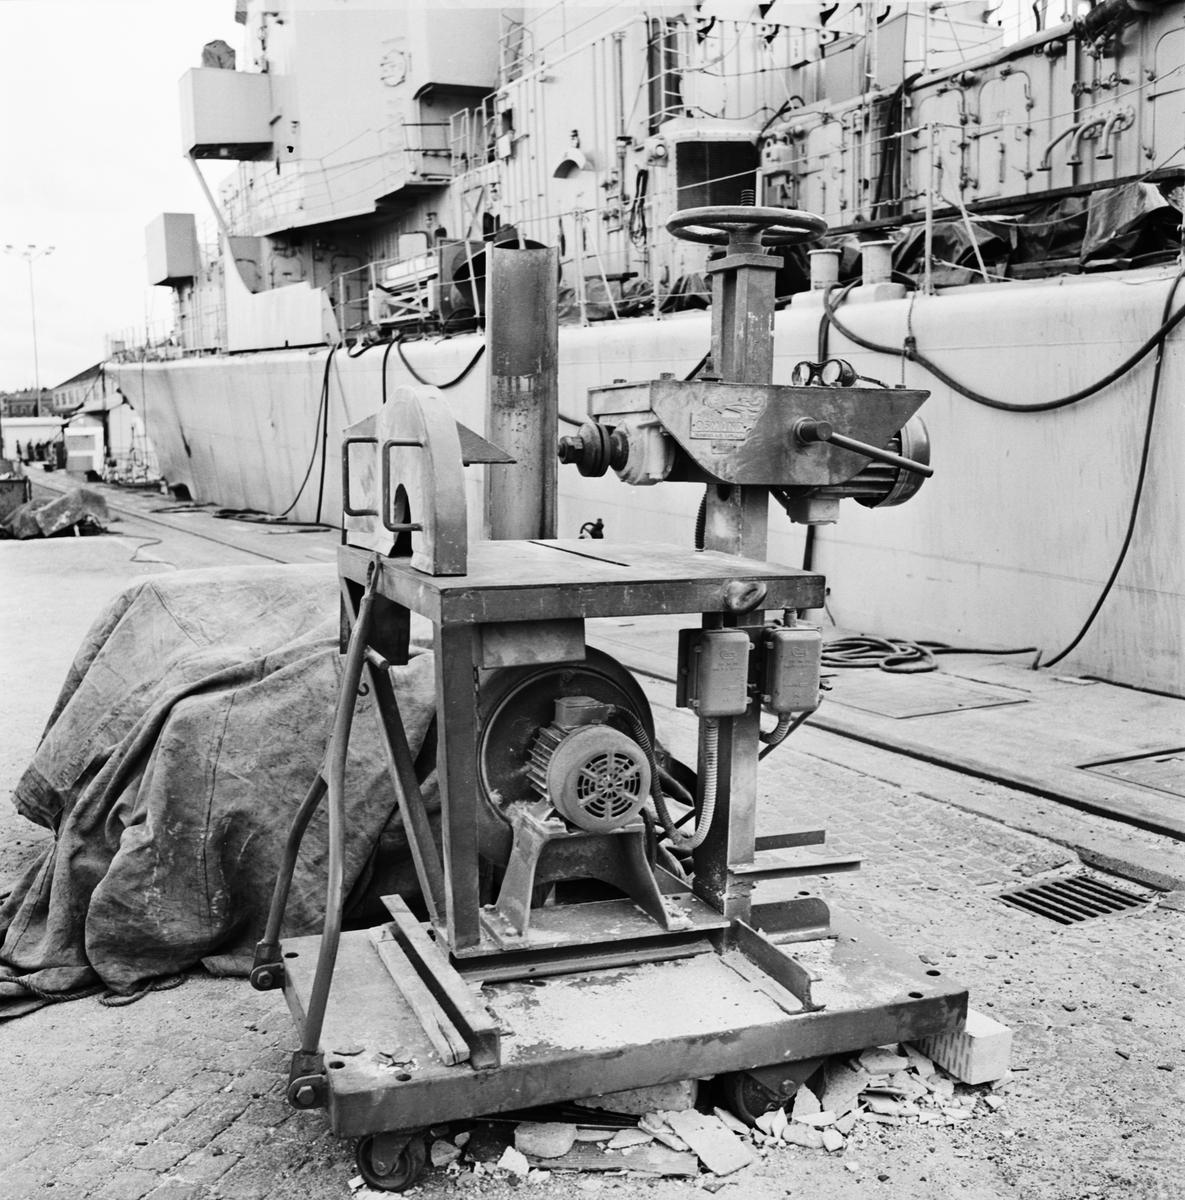 Övrigt: Foto datum: 23/8 1966 Byggnader och kranar Olycksfall vid slipmaskin